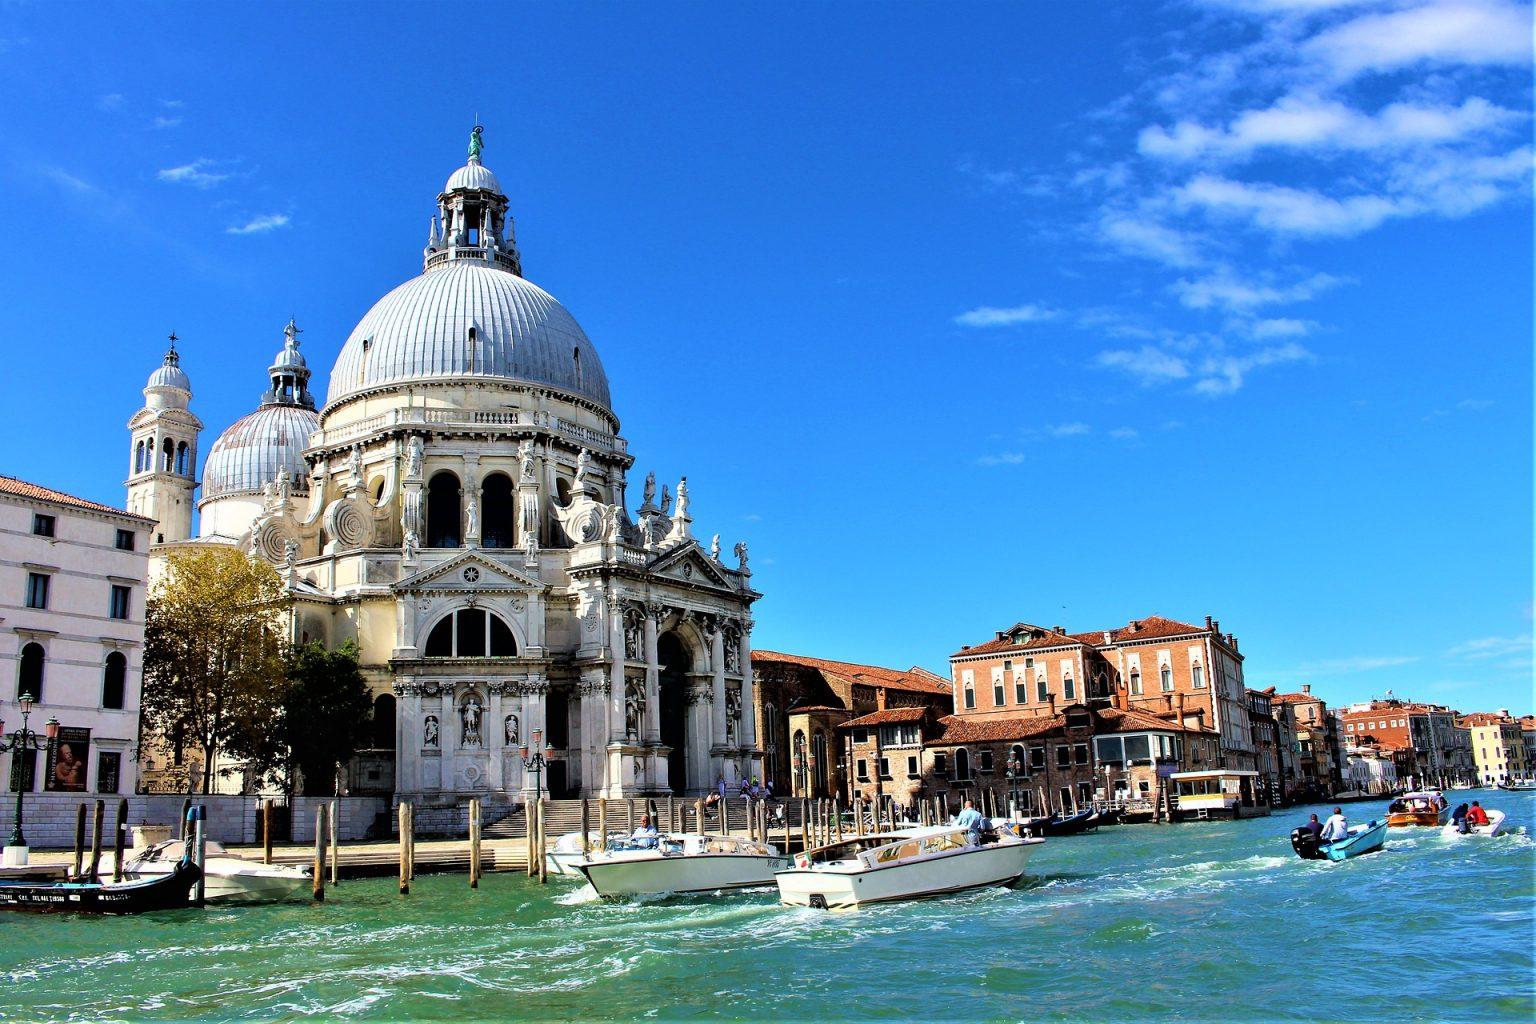 Basílica Santa María della Salute. qué ver en Venecia